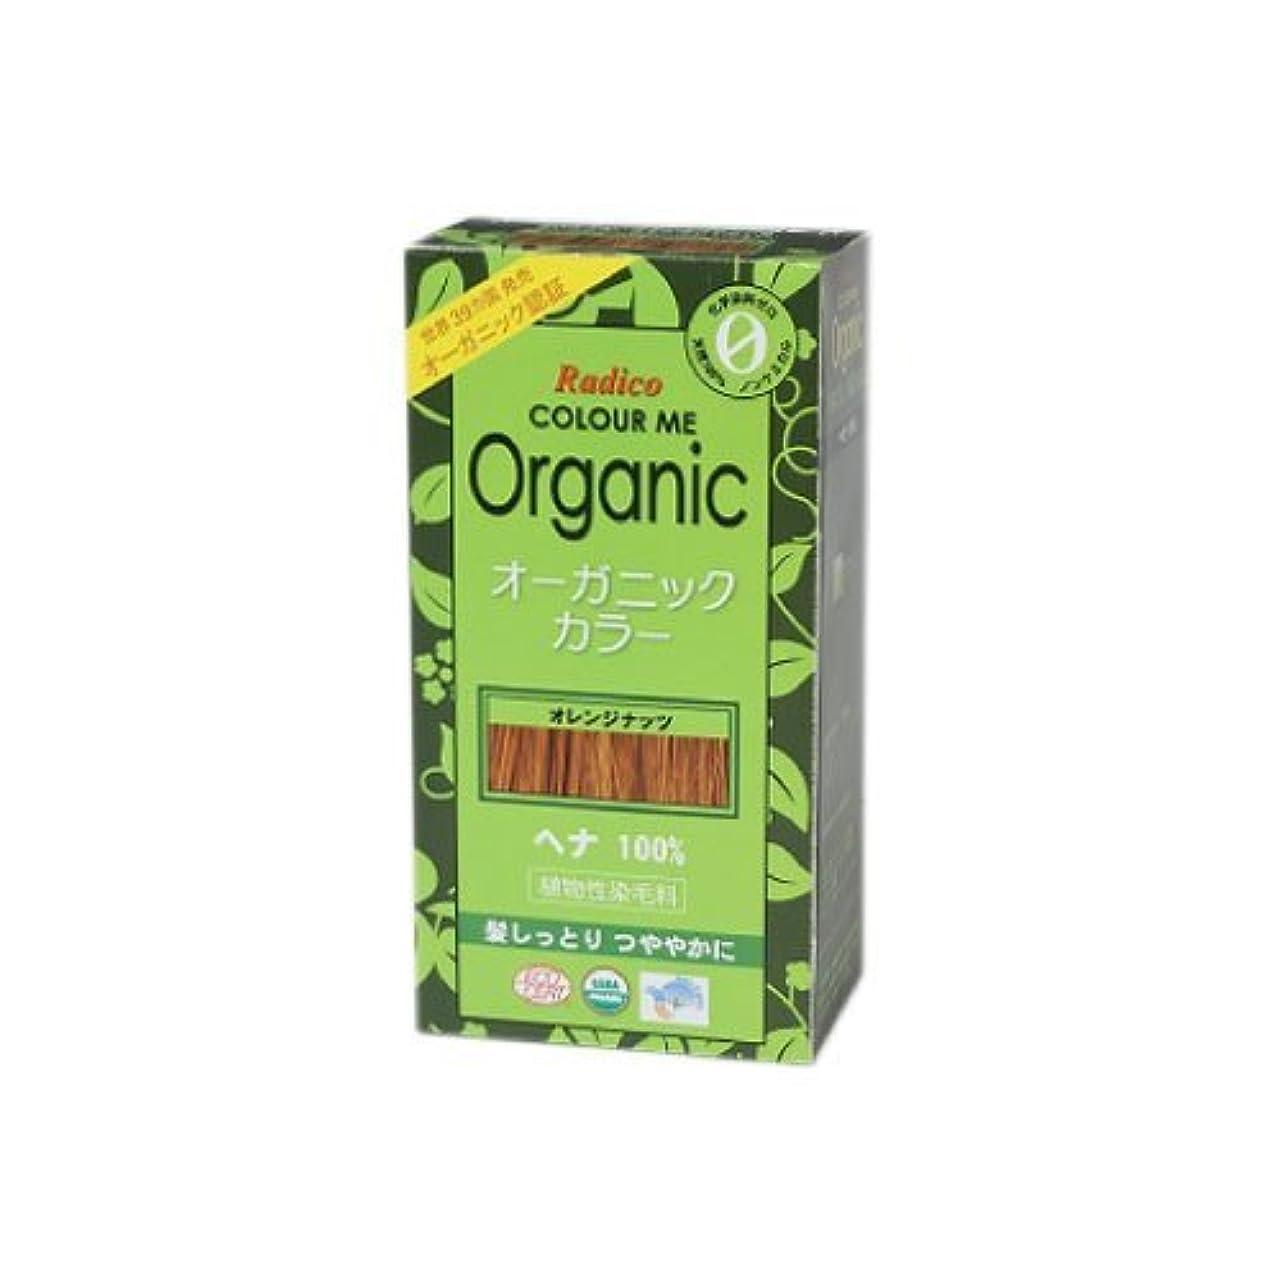 やりがいのある苗オートメーションCOLOURME Organic (カラーミーオーガニック ヘナ 白髪用) オレンジナッツ 100g